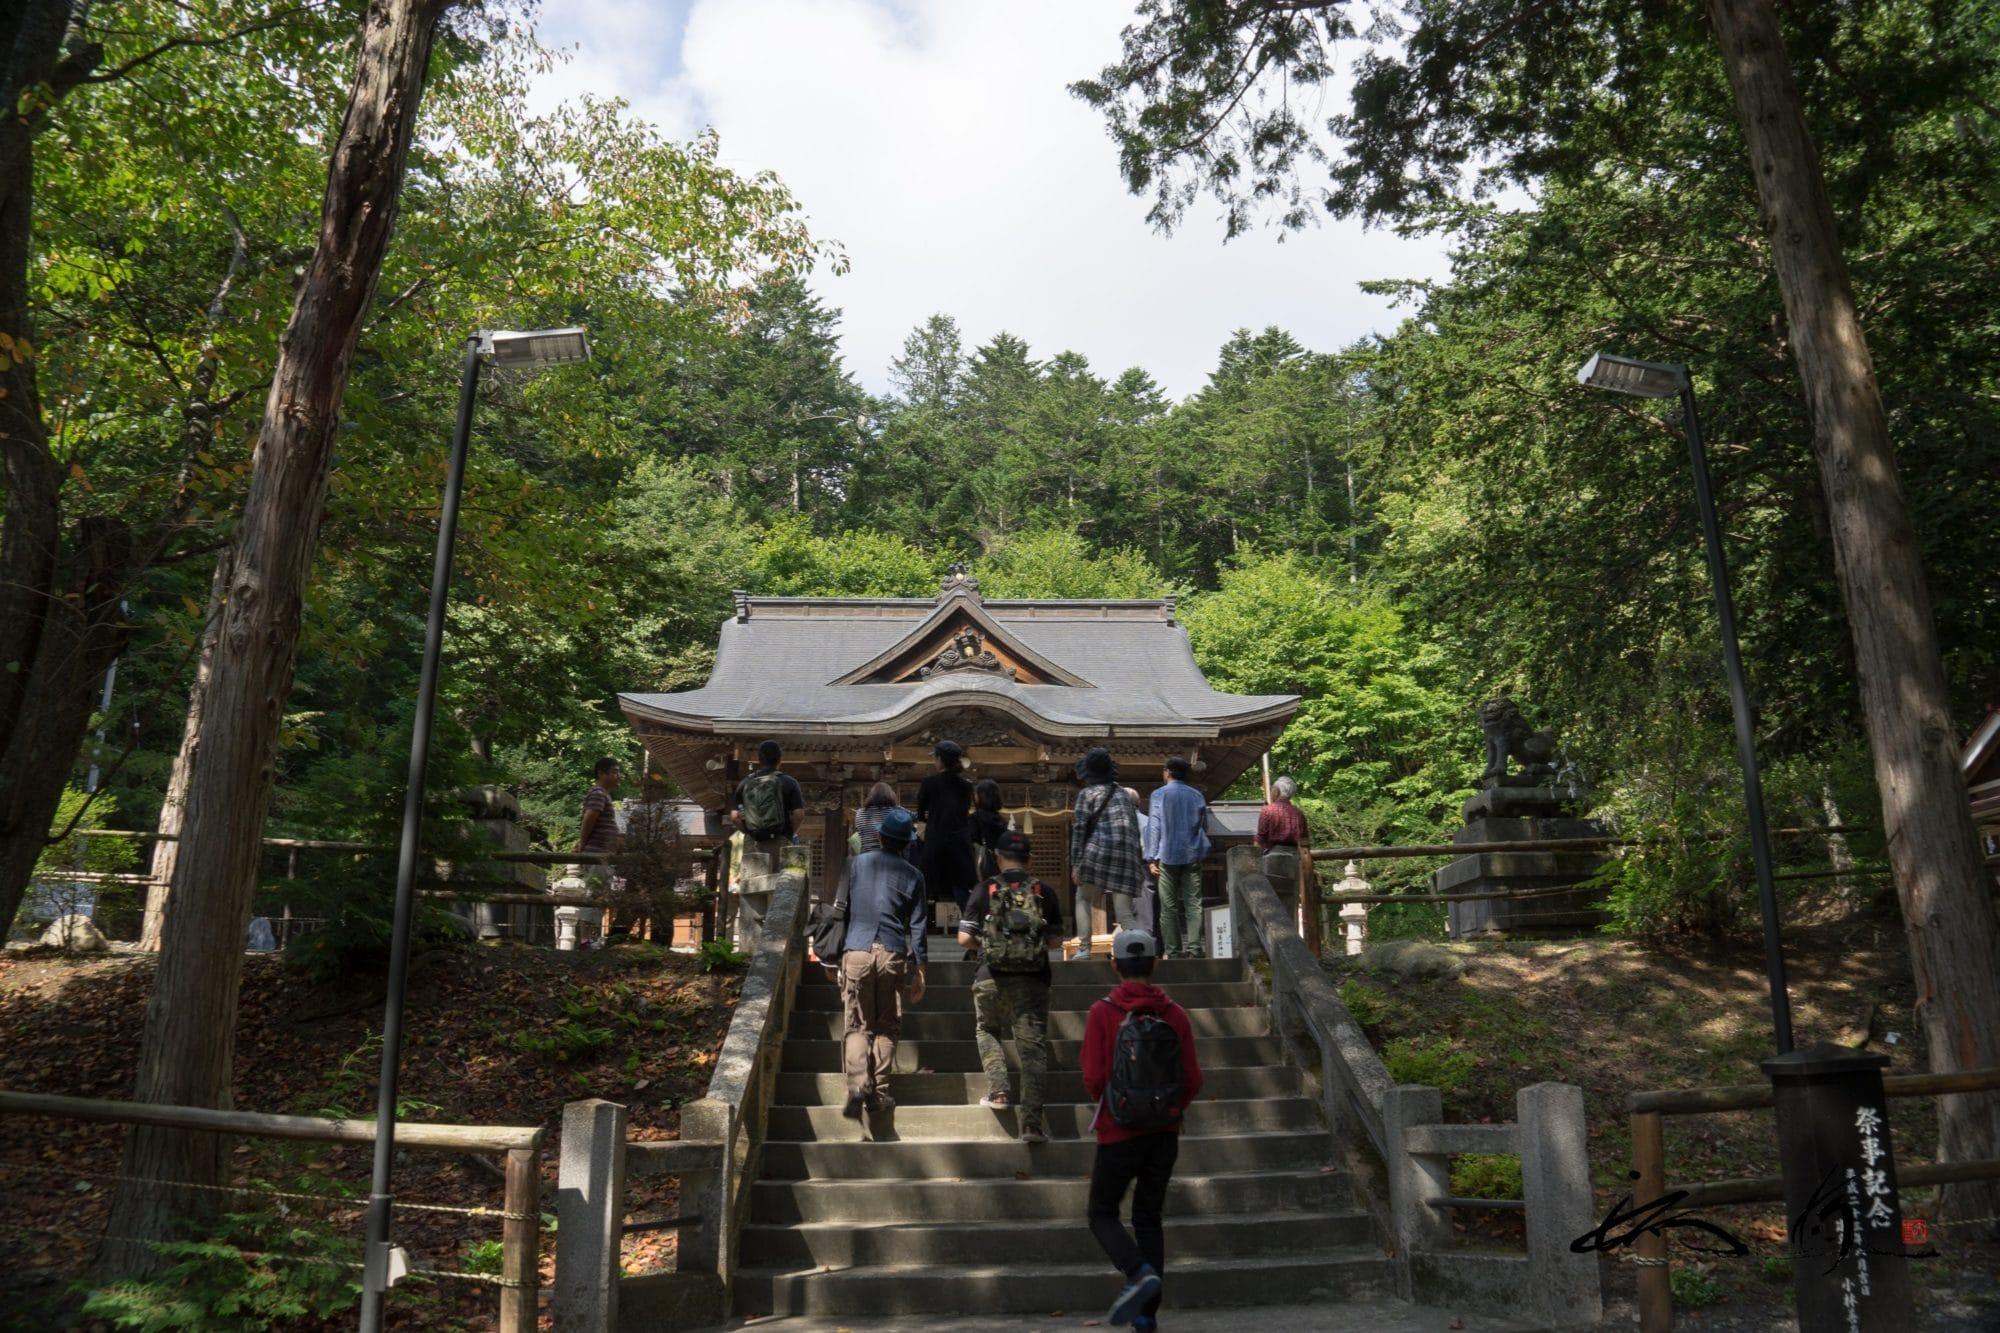 義経神社・平取町【No.04】北海道御朱印巡り